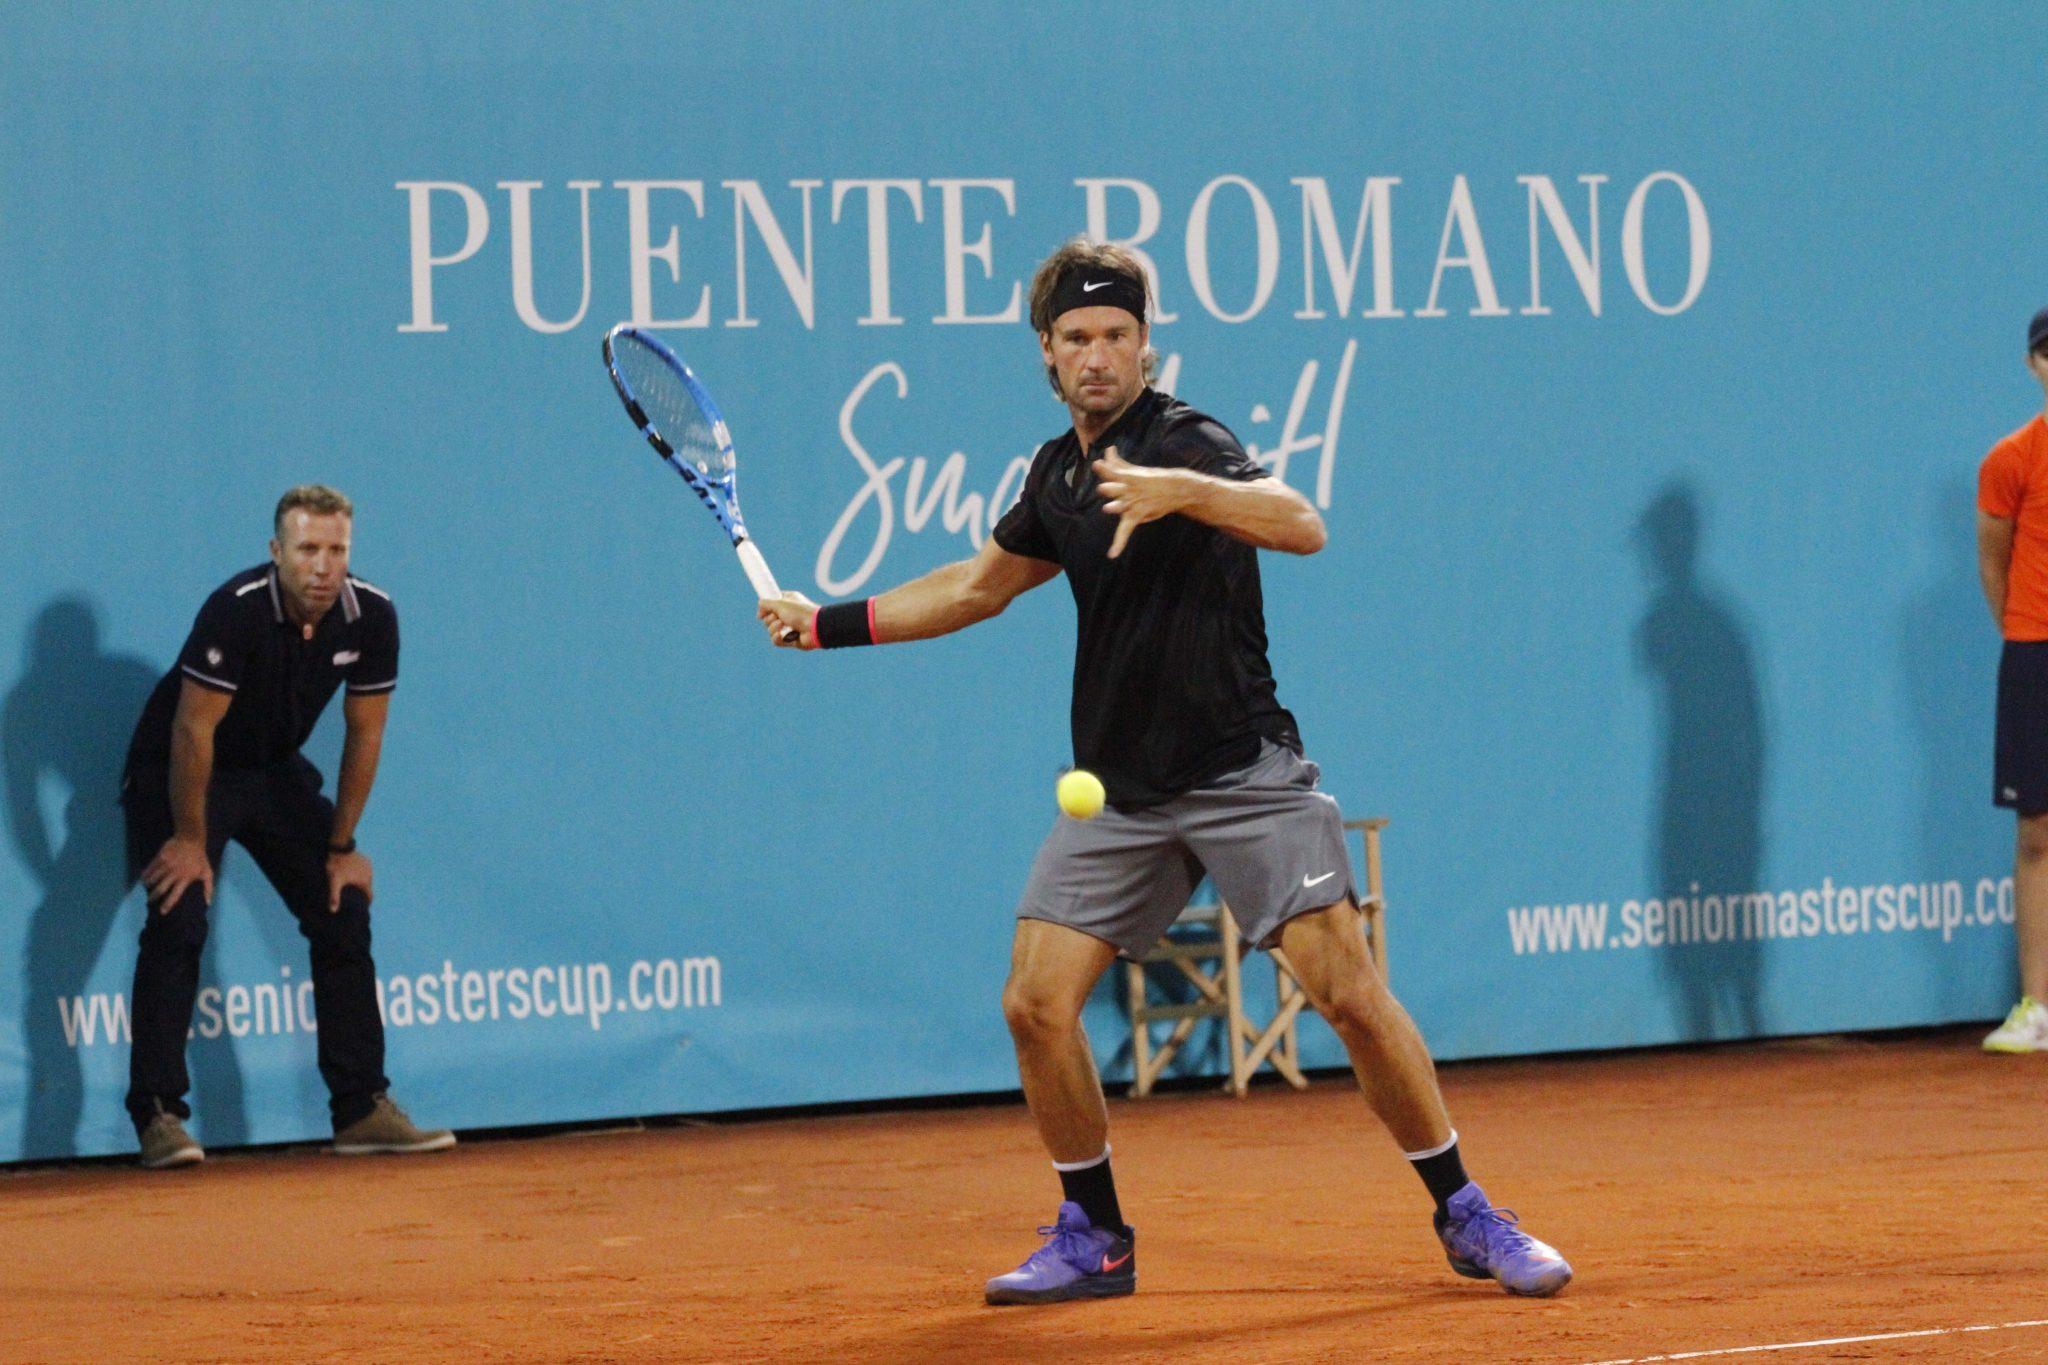 El tenis de alto nivel regresa a Marbella con la III Senior Masters Cup